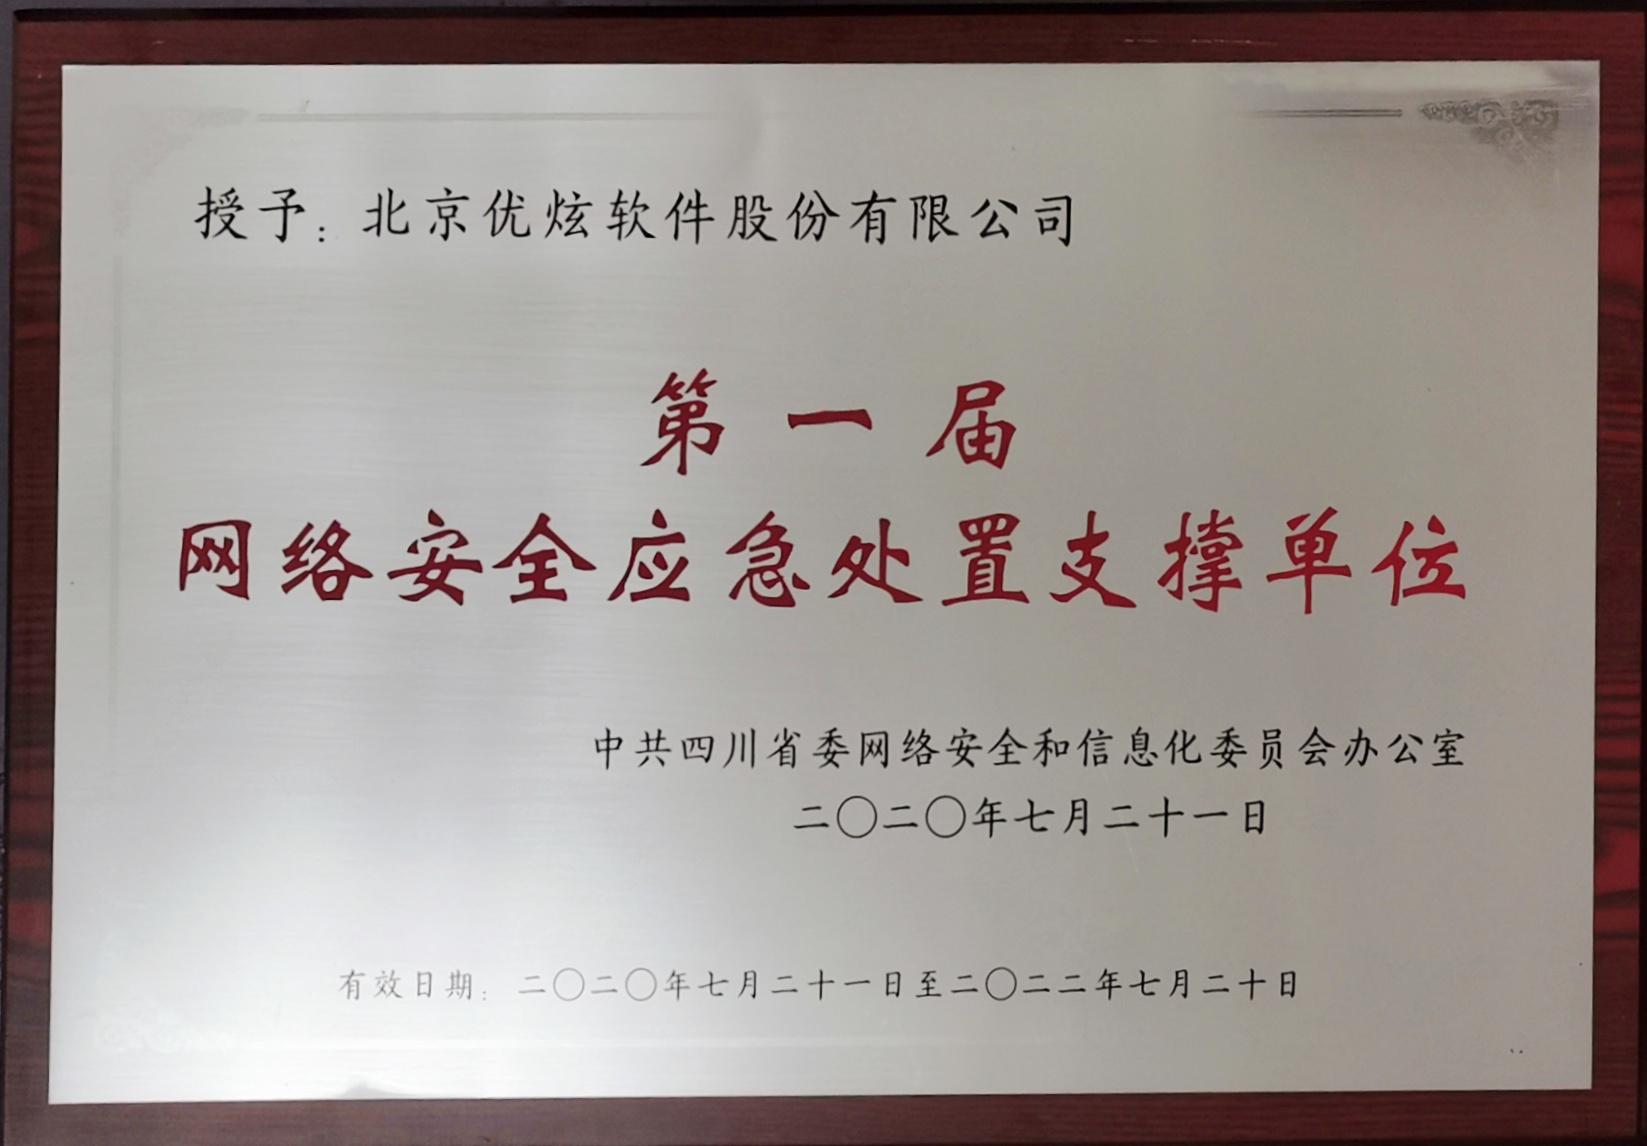 """优炫软件荣获""""第一届四川省网络安全应急处置支撑单位"""""""